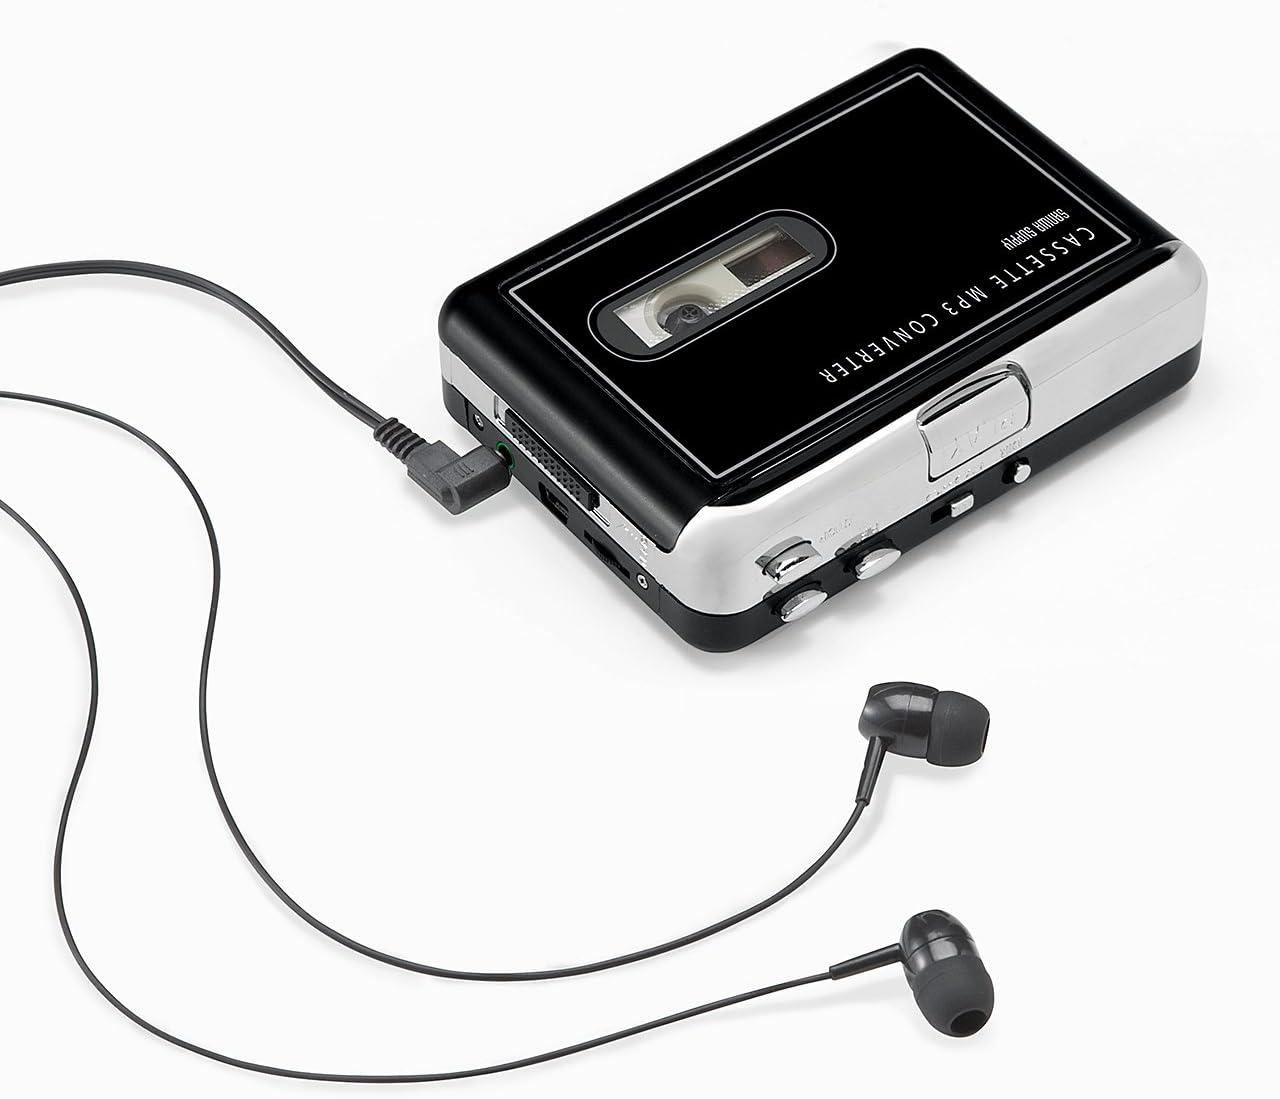 出典: Amazon『サンワダイレクト カセットテープ MP3変換プレーヤー カセットテープデジタル化 コンバーター 400-MEDI002』